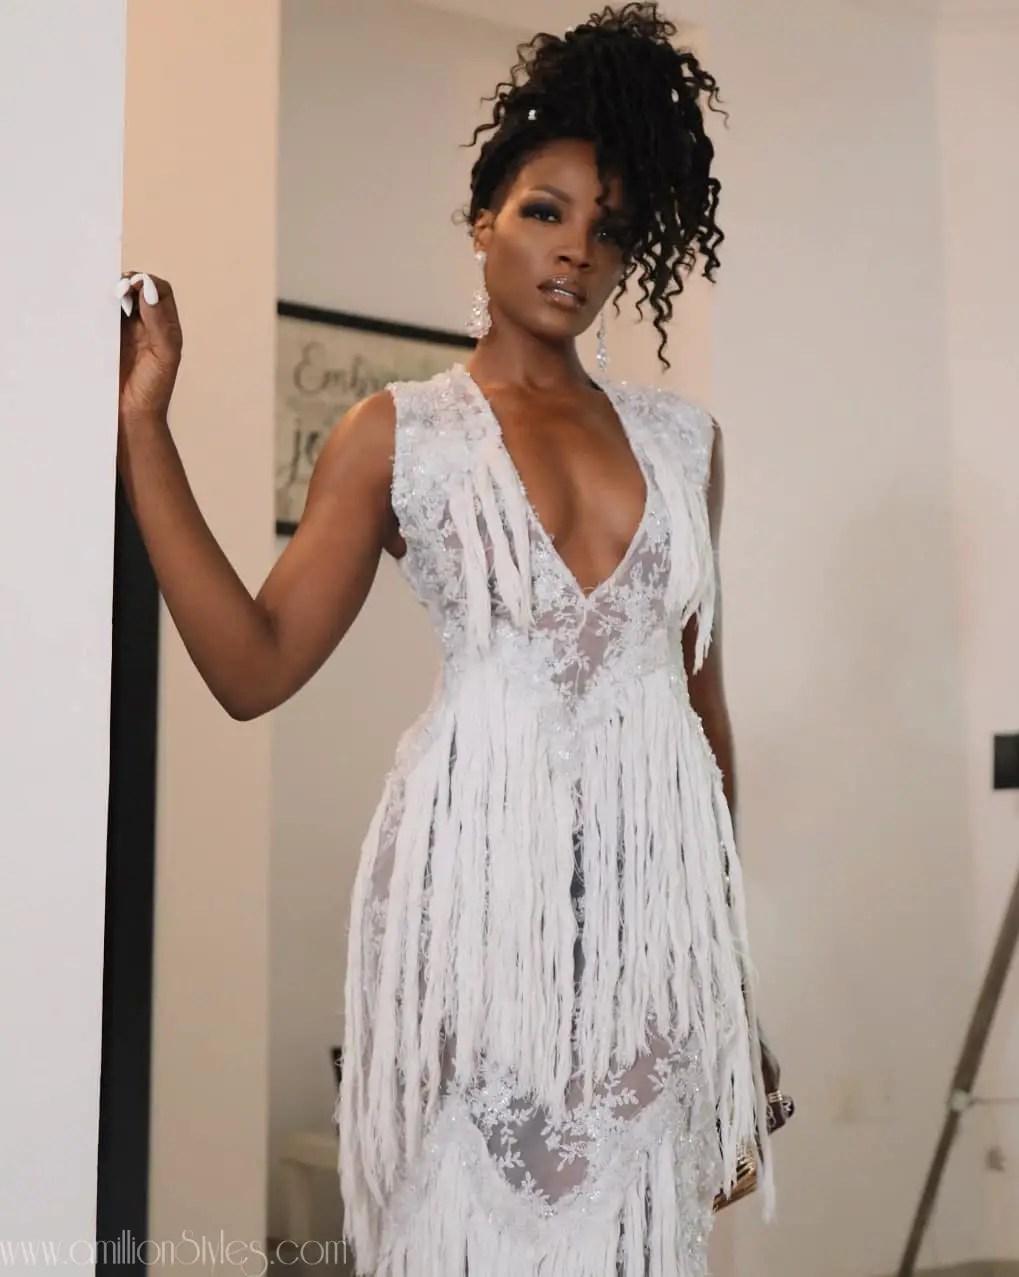 Seyi Shay Looked Sensational In This Fruche Handfrayed Aroura Dress